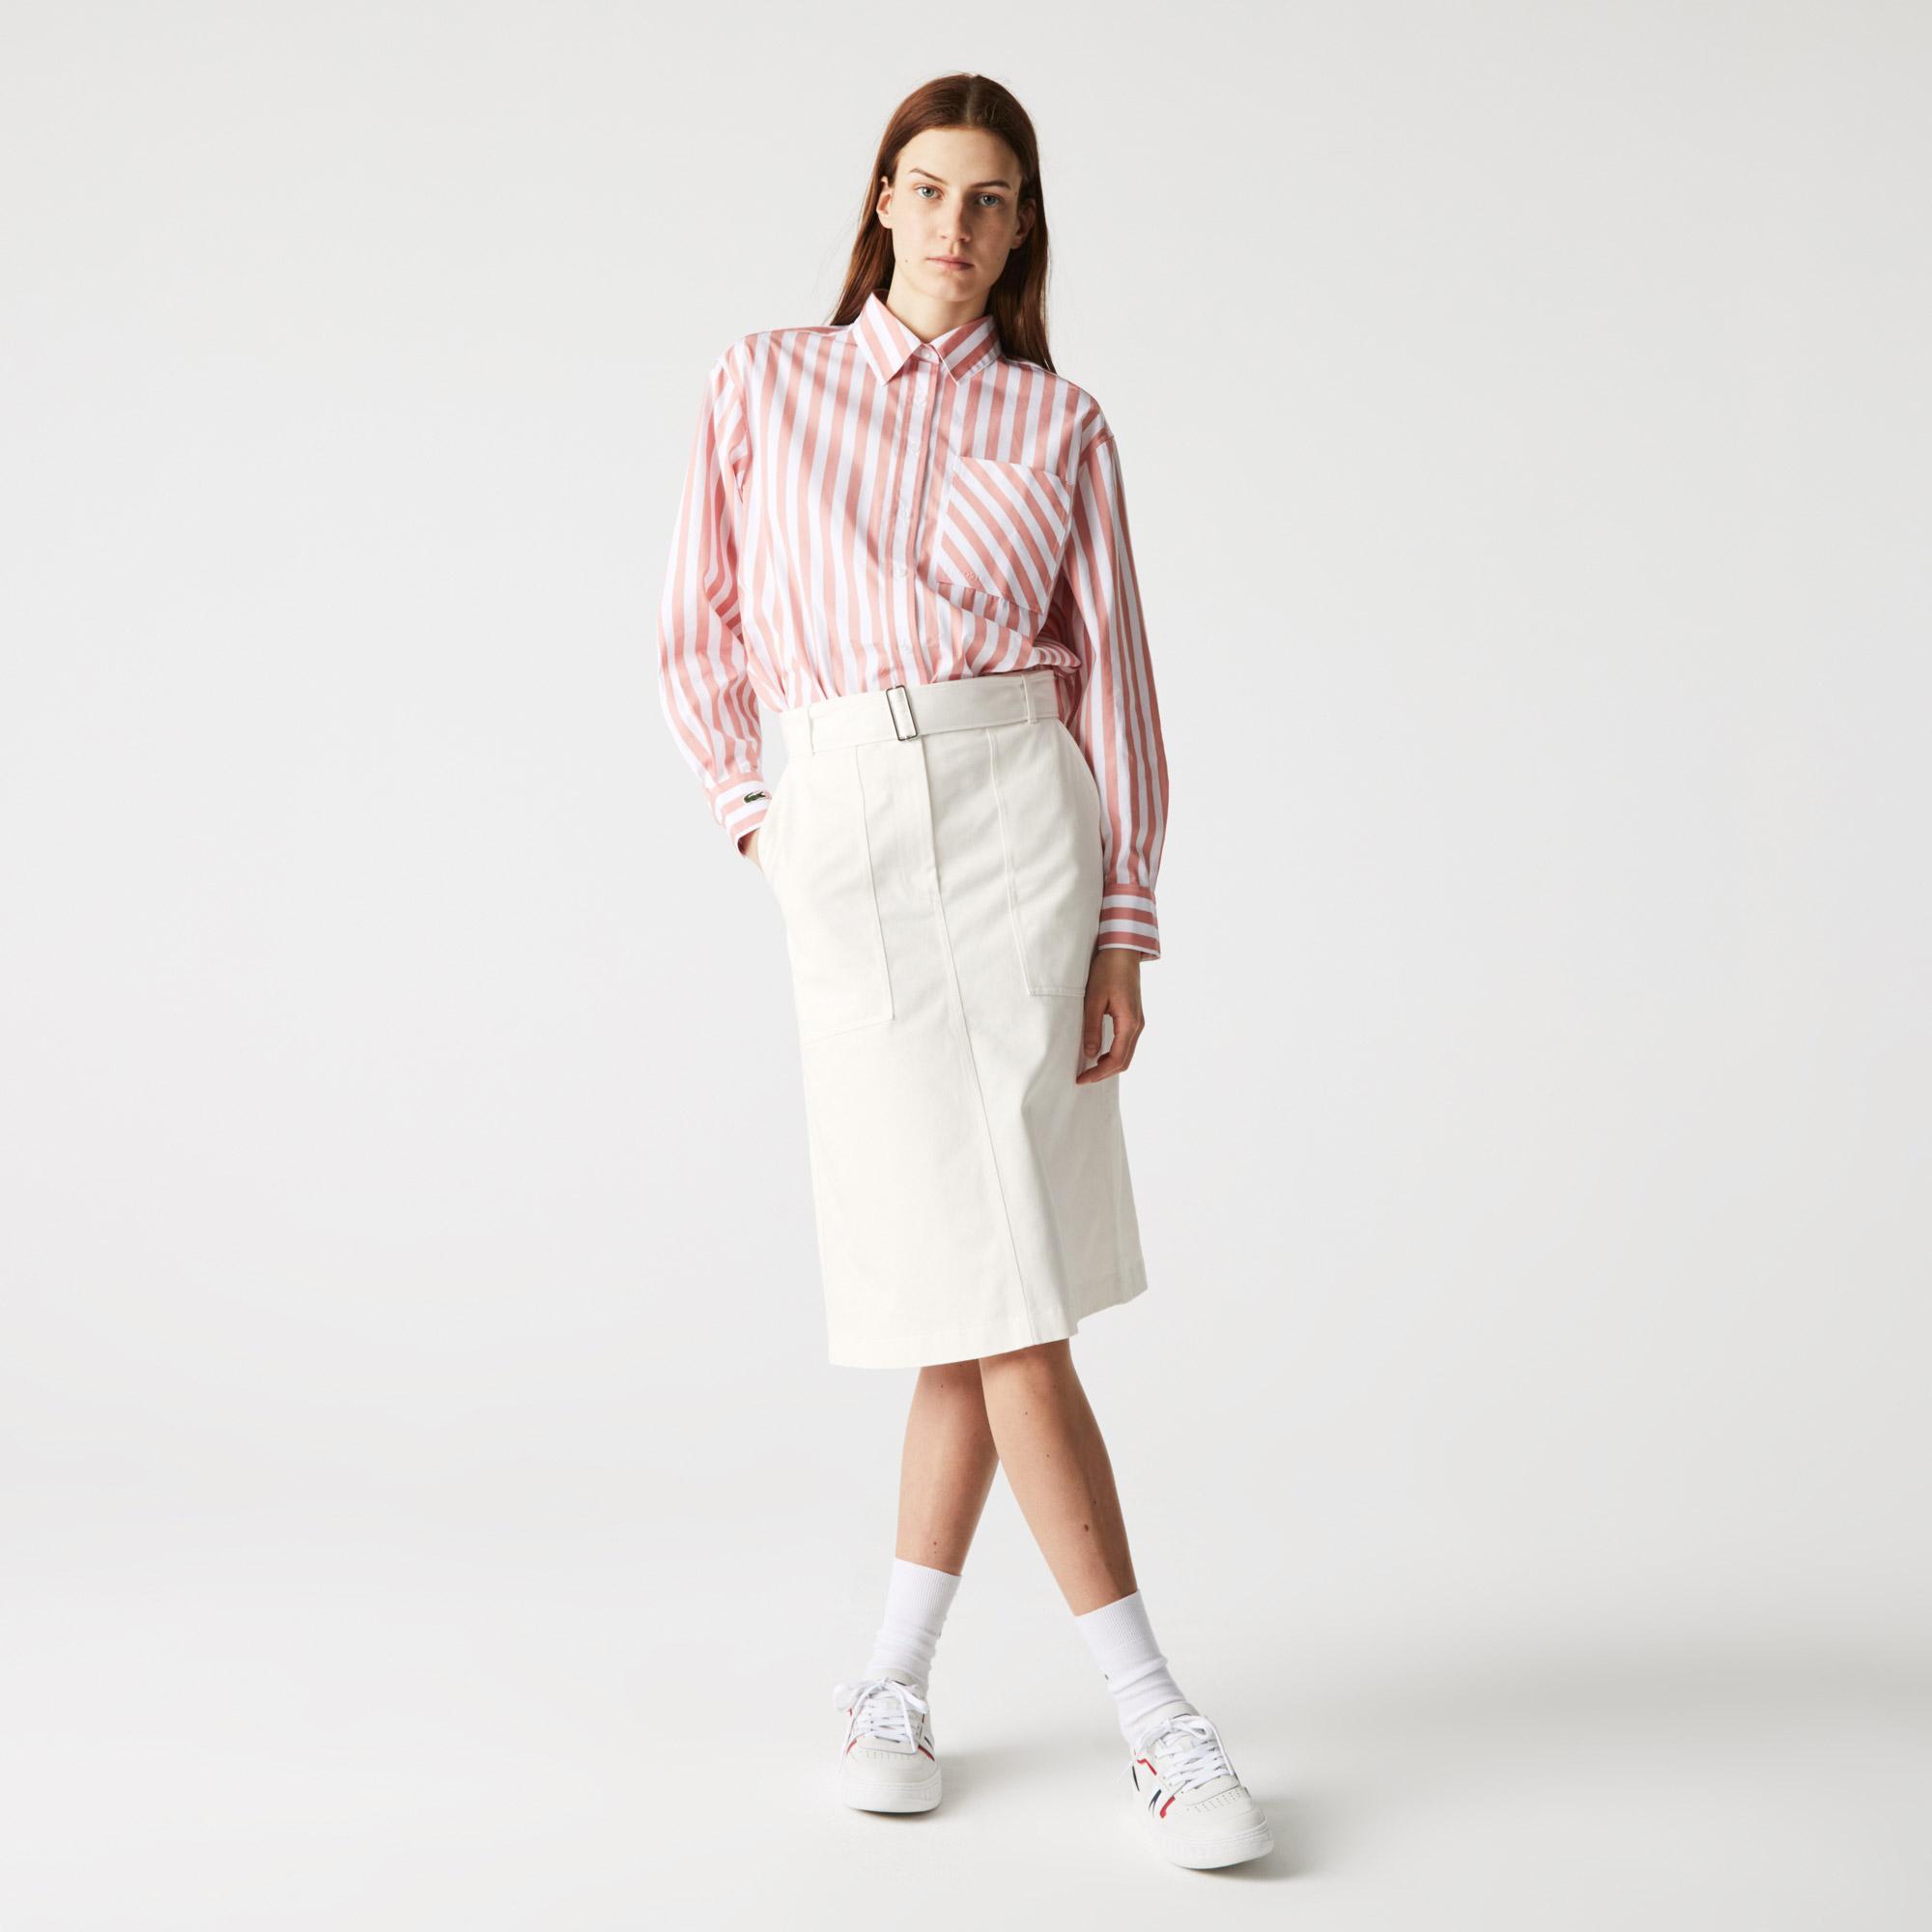 Lacoste Kadın Regular Fit Yüksel Bel Beyaz Etek